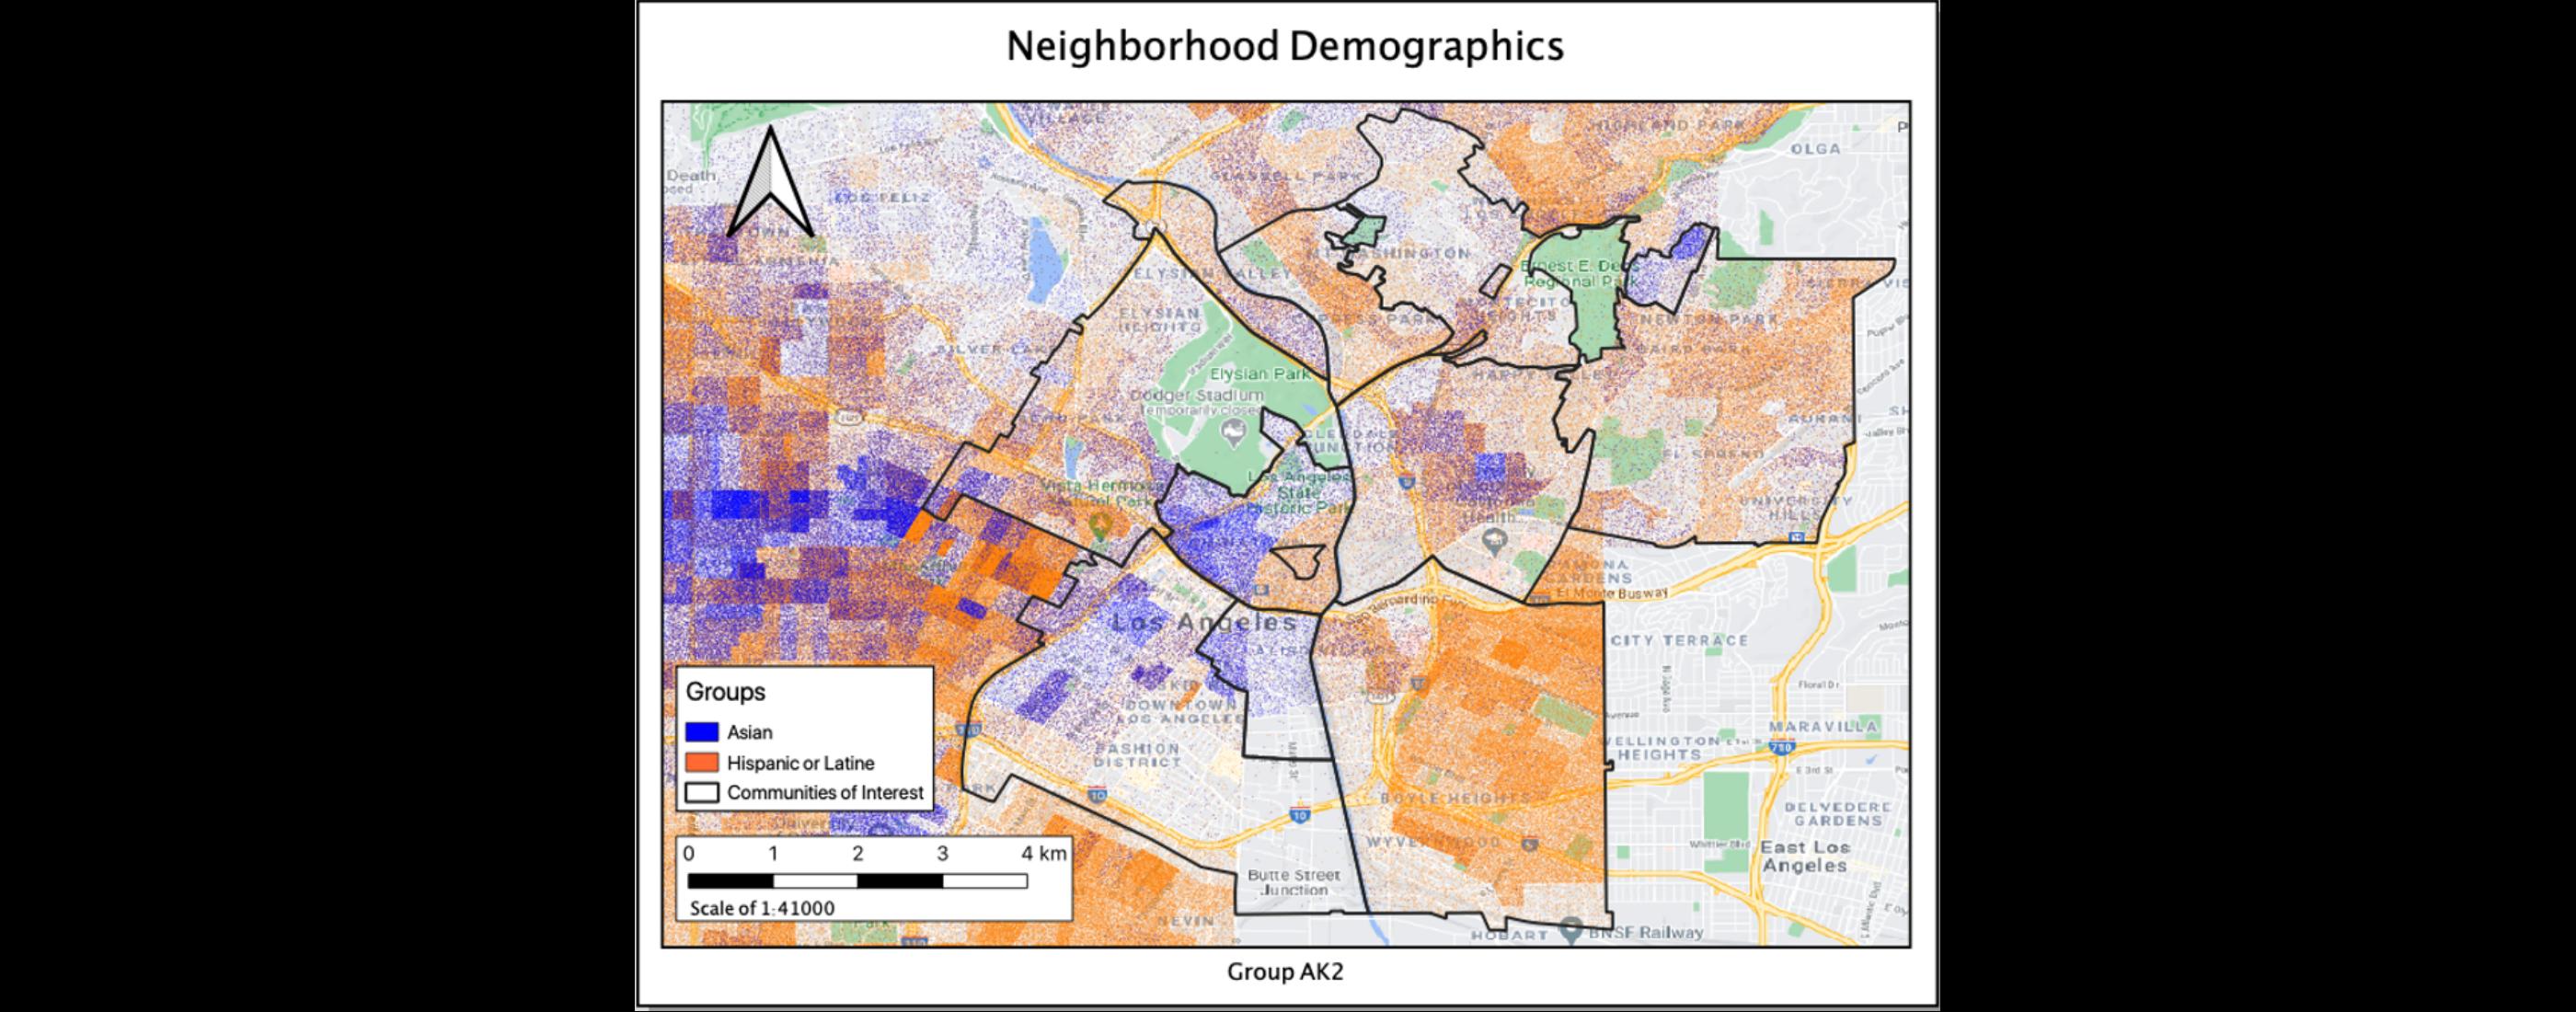 us-census-neighborhood-demographics-graphic